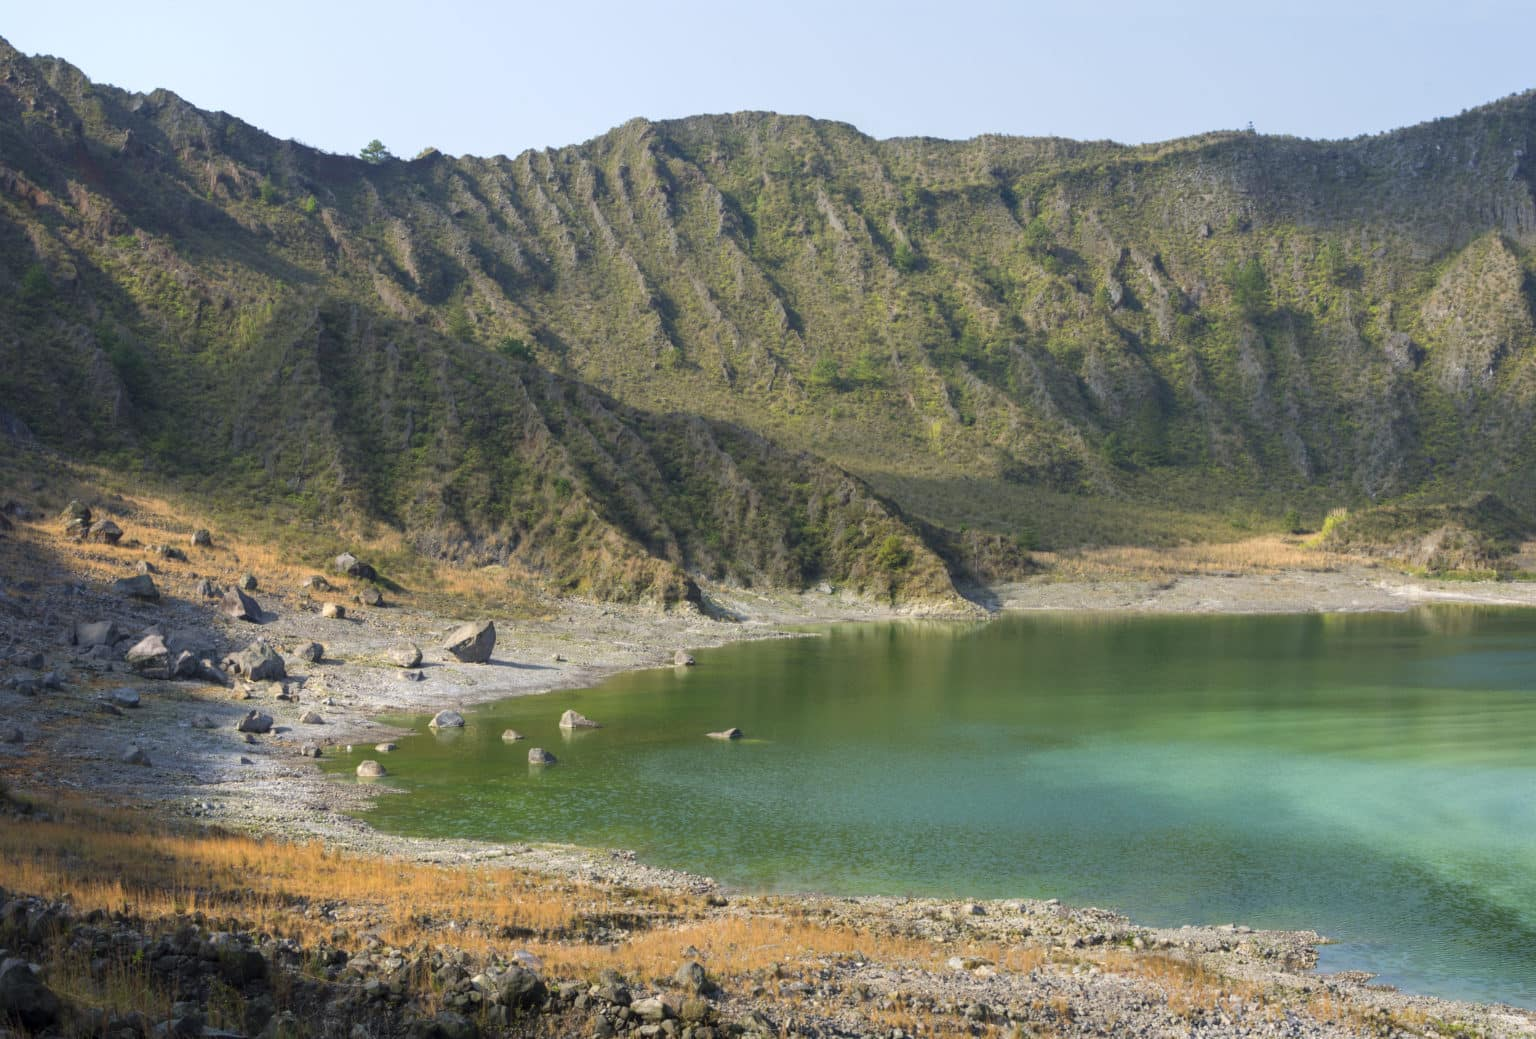 Lac vert sulfurique et intérieur accidenté du cratère du volcan El Chichonal au Chiapas, Mexique, par une journée ensoleillée